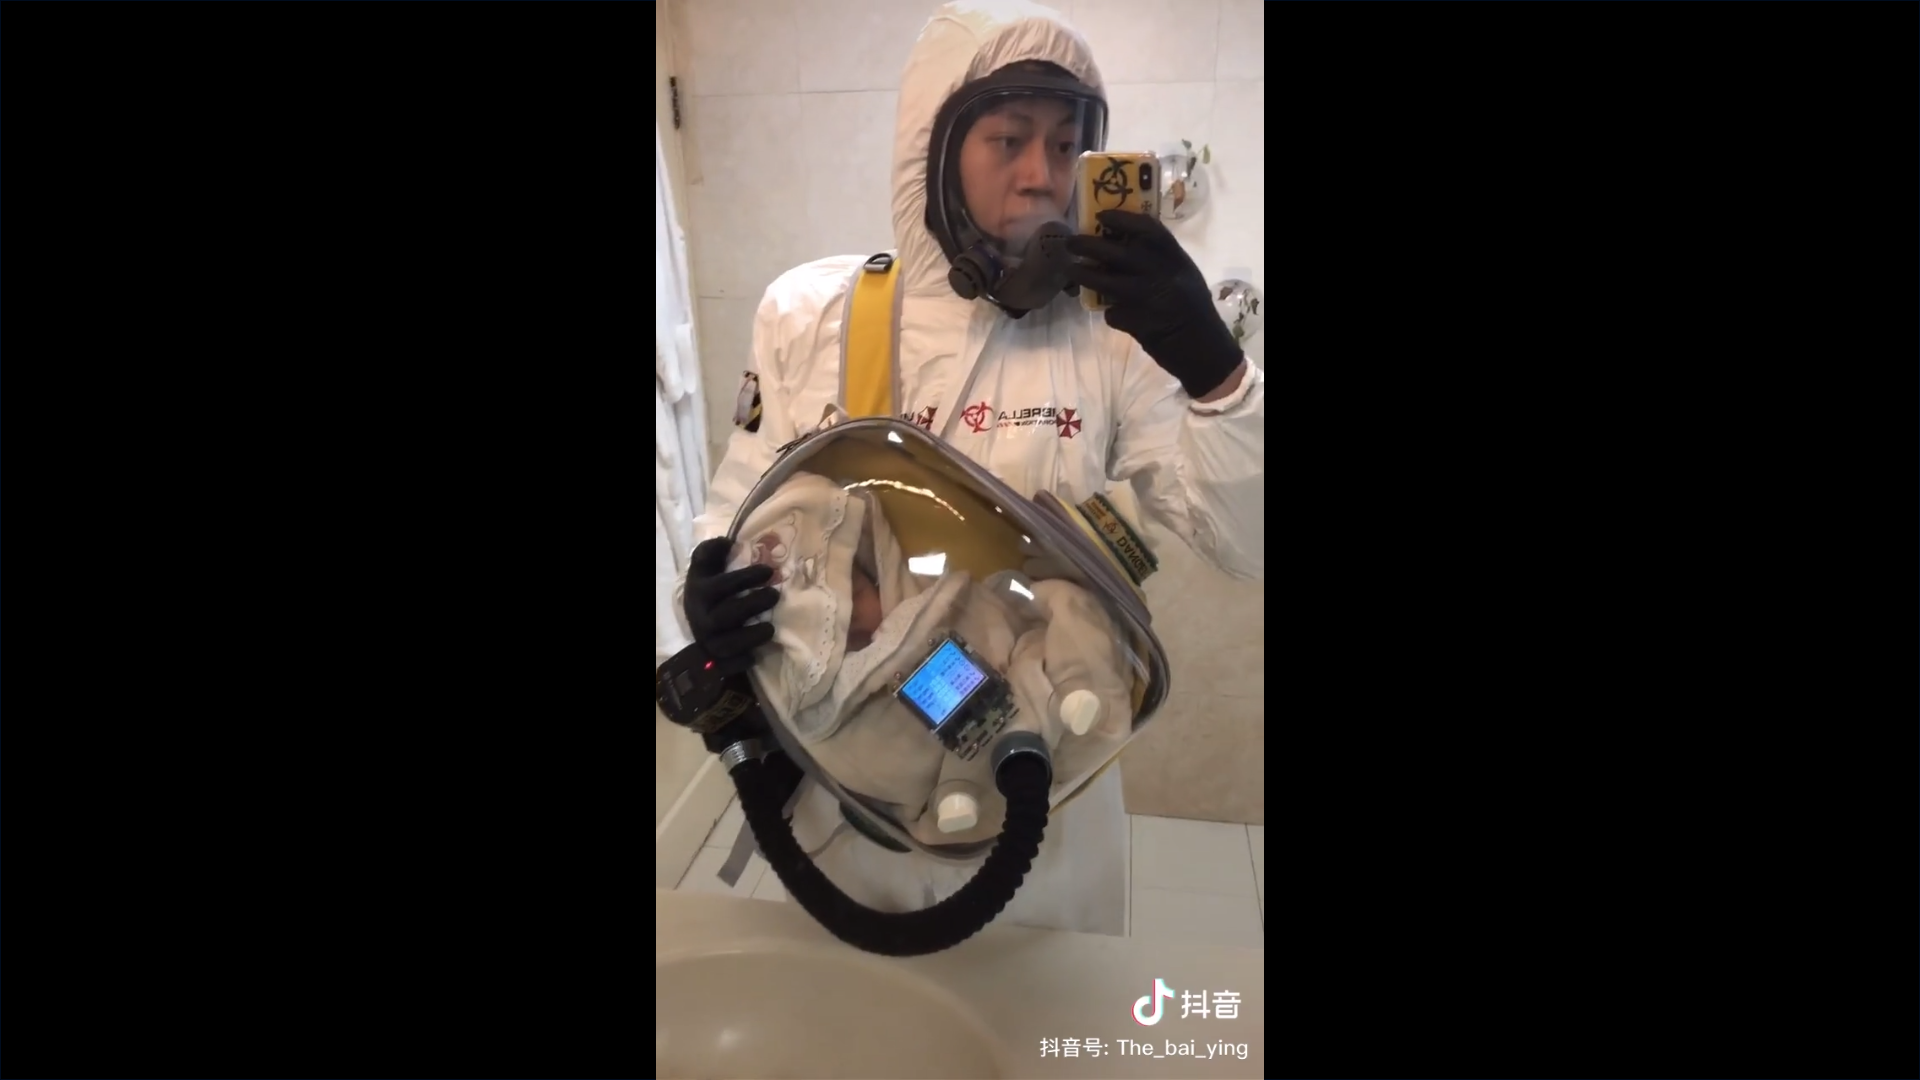 คุณพ่อชาวจีนประดิษฐ์ BB Pod เพื่อป้องกัน COVID-19 ให้ลูกตัวเอง